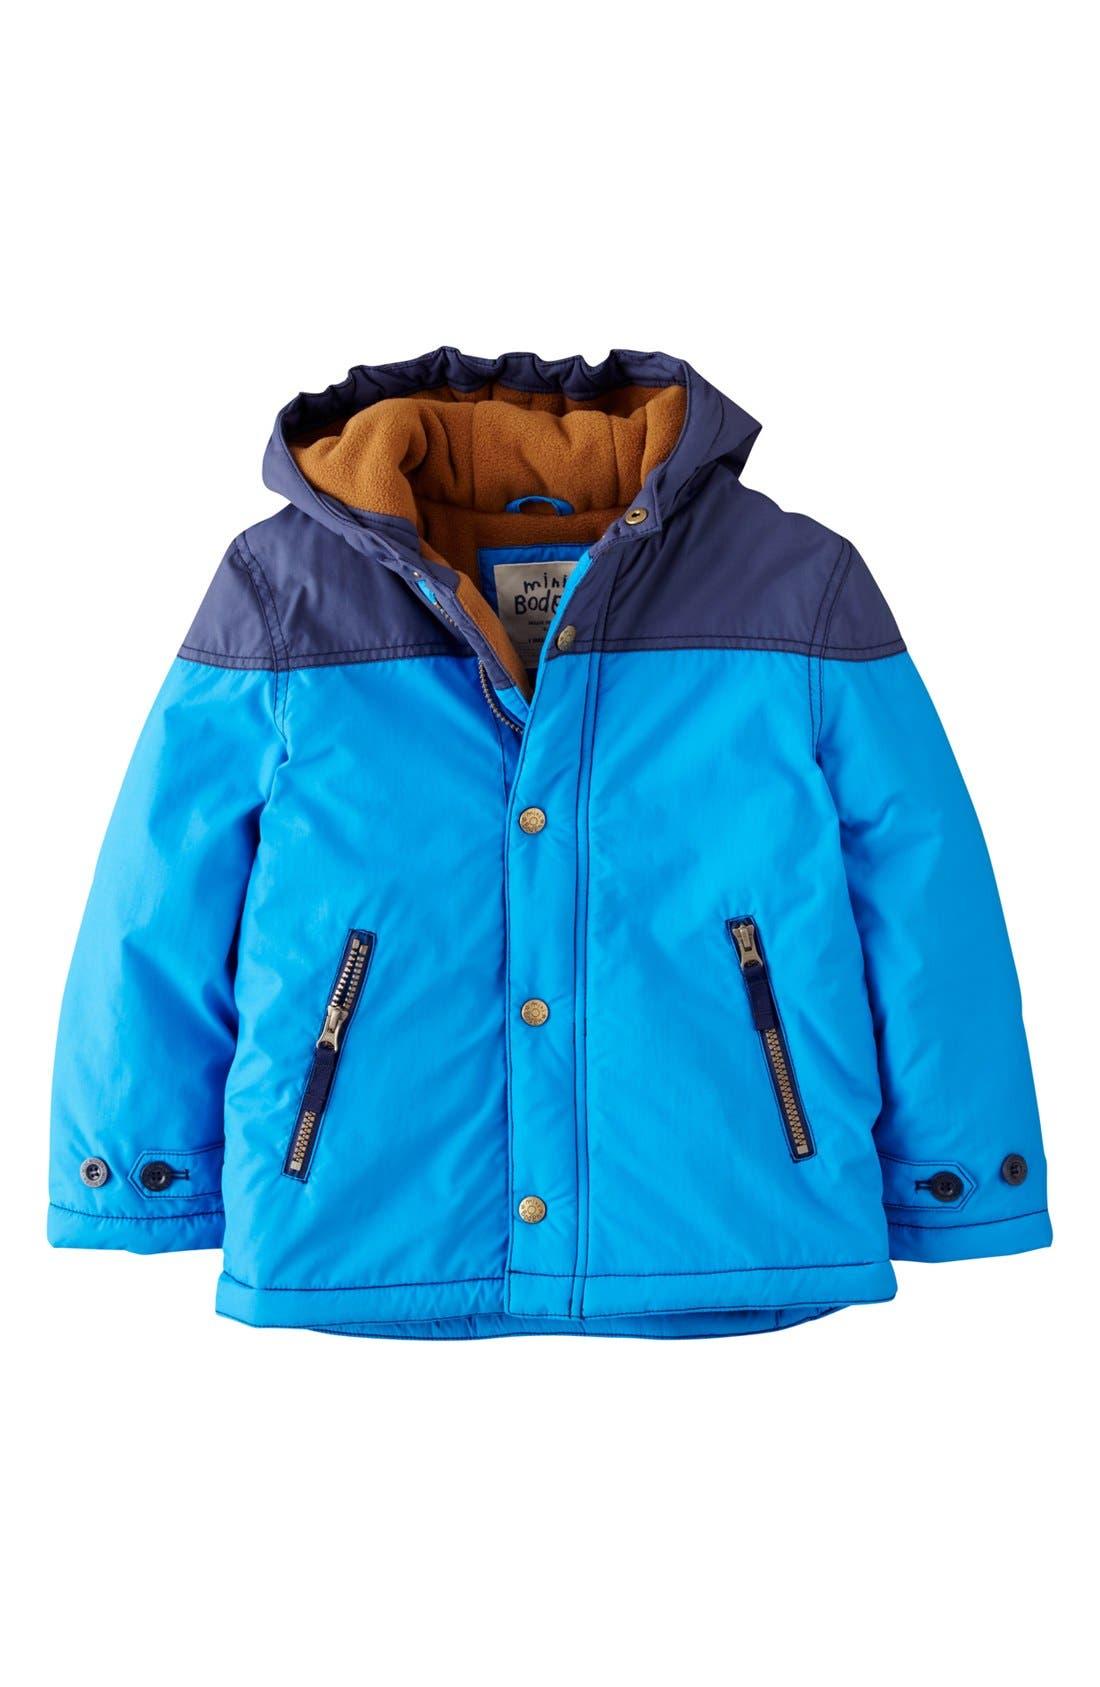 Alternate Image 1 Selected - Mini Boden Fleece Lined Hooded Anorak (Toddler Boys, Little Boys & Big Boys)